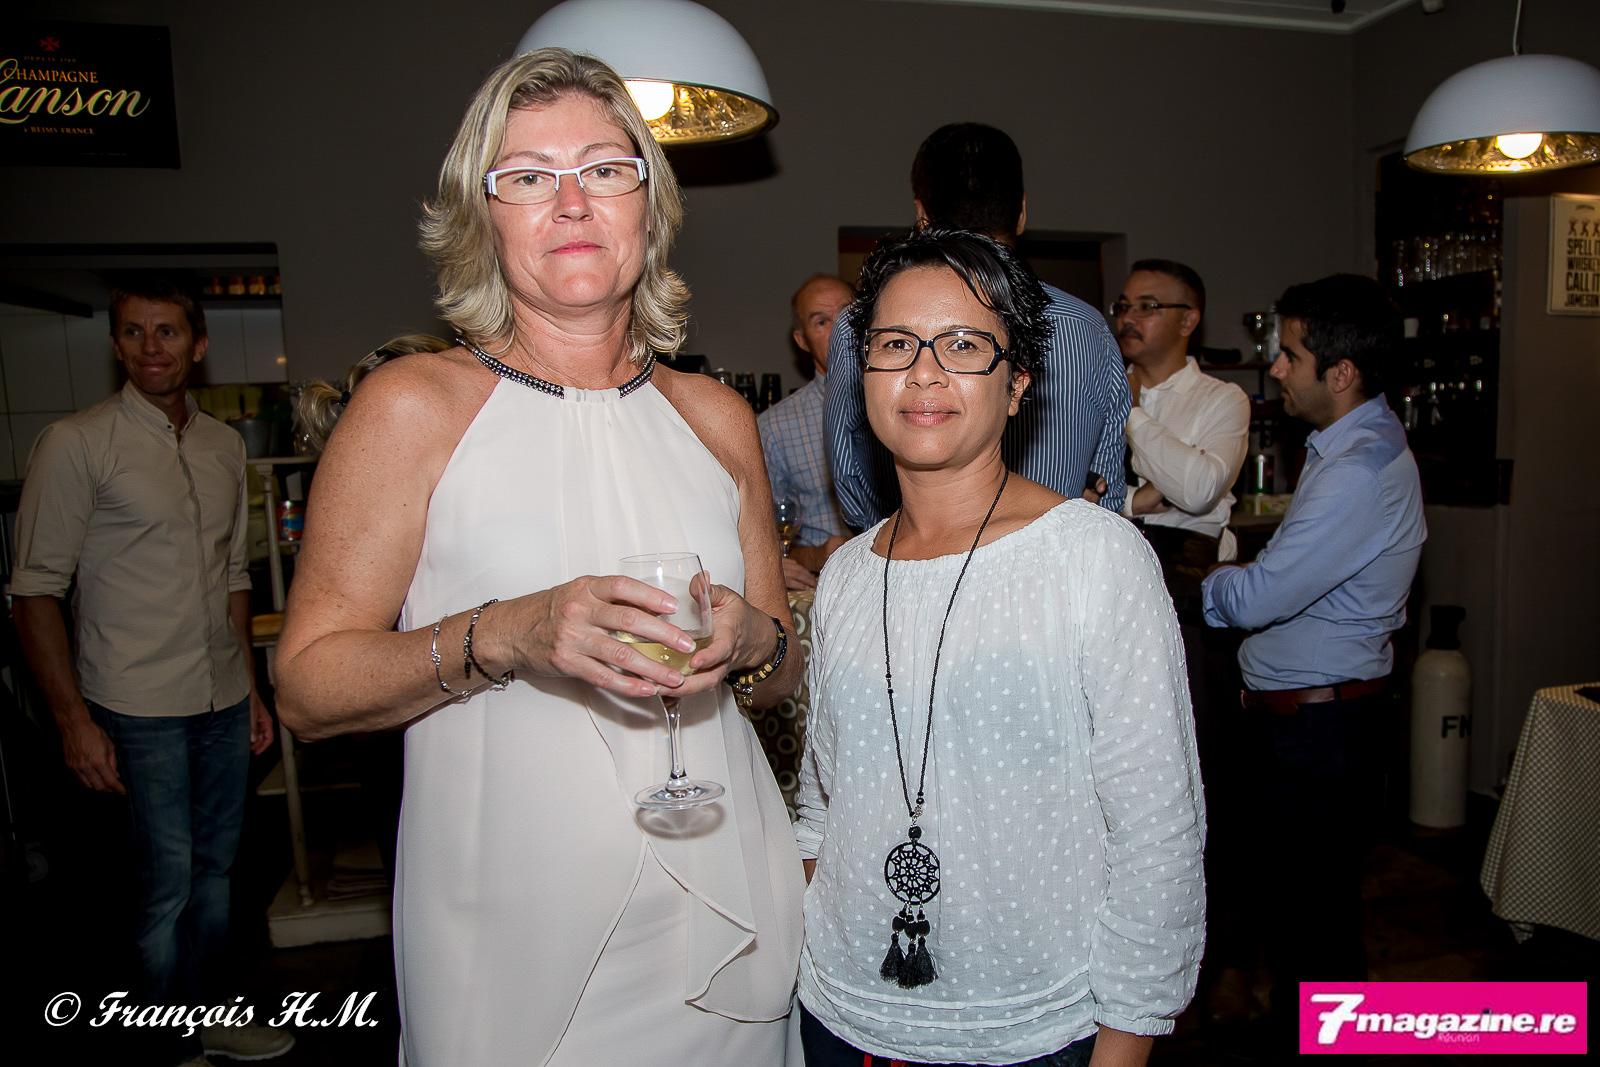 Véronique Marcy d'April Partenaires Réunion, et Géraldine Bluker de Réunion Assurances